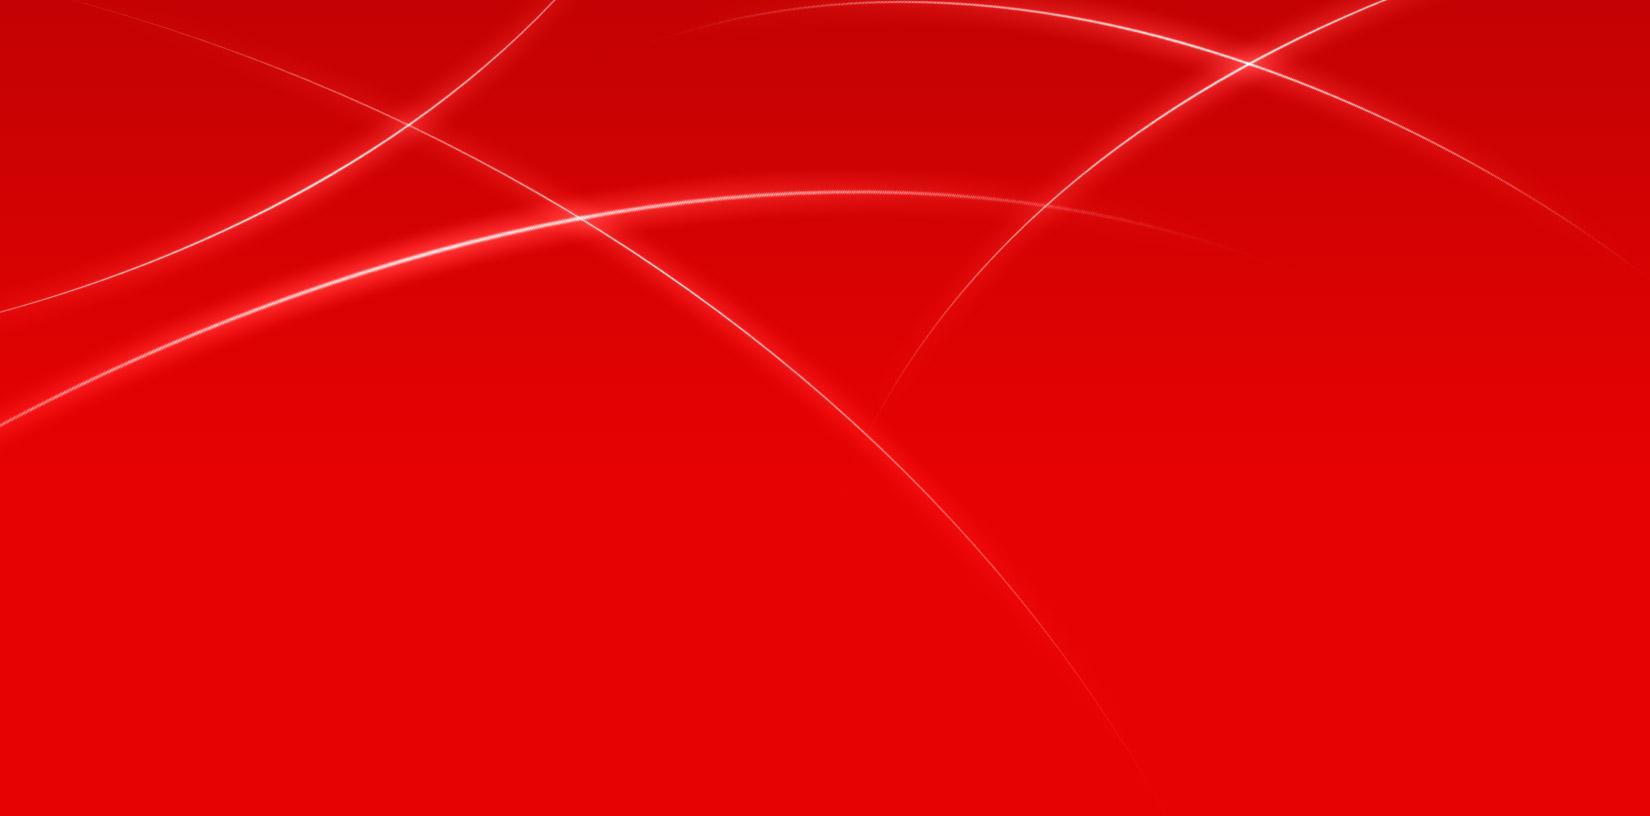 [50+] Red Gradient Wallpaper On WallpaperSafari